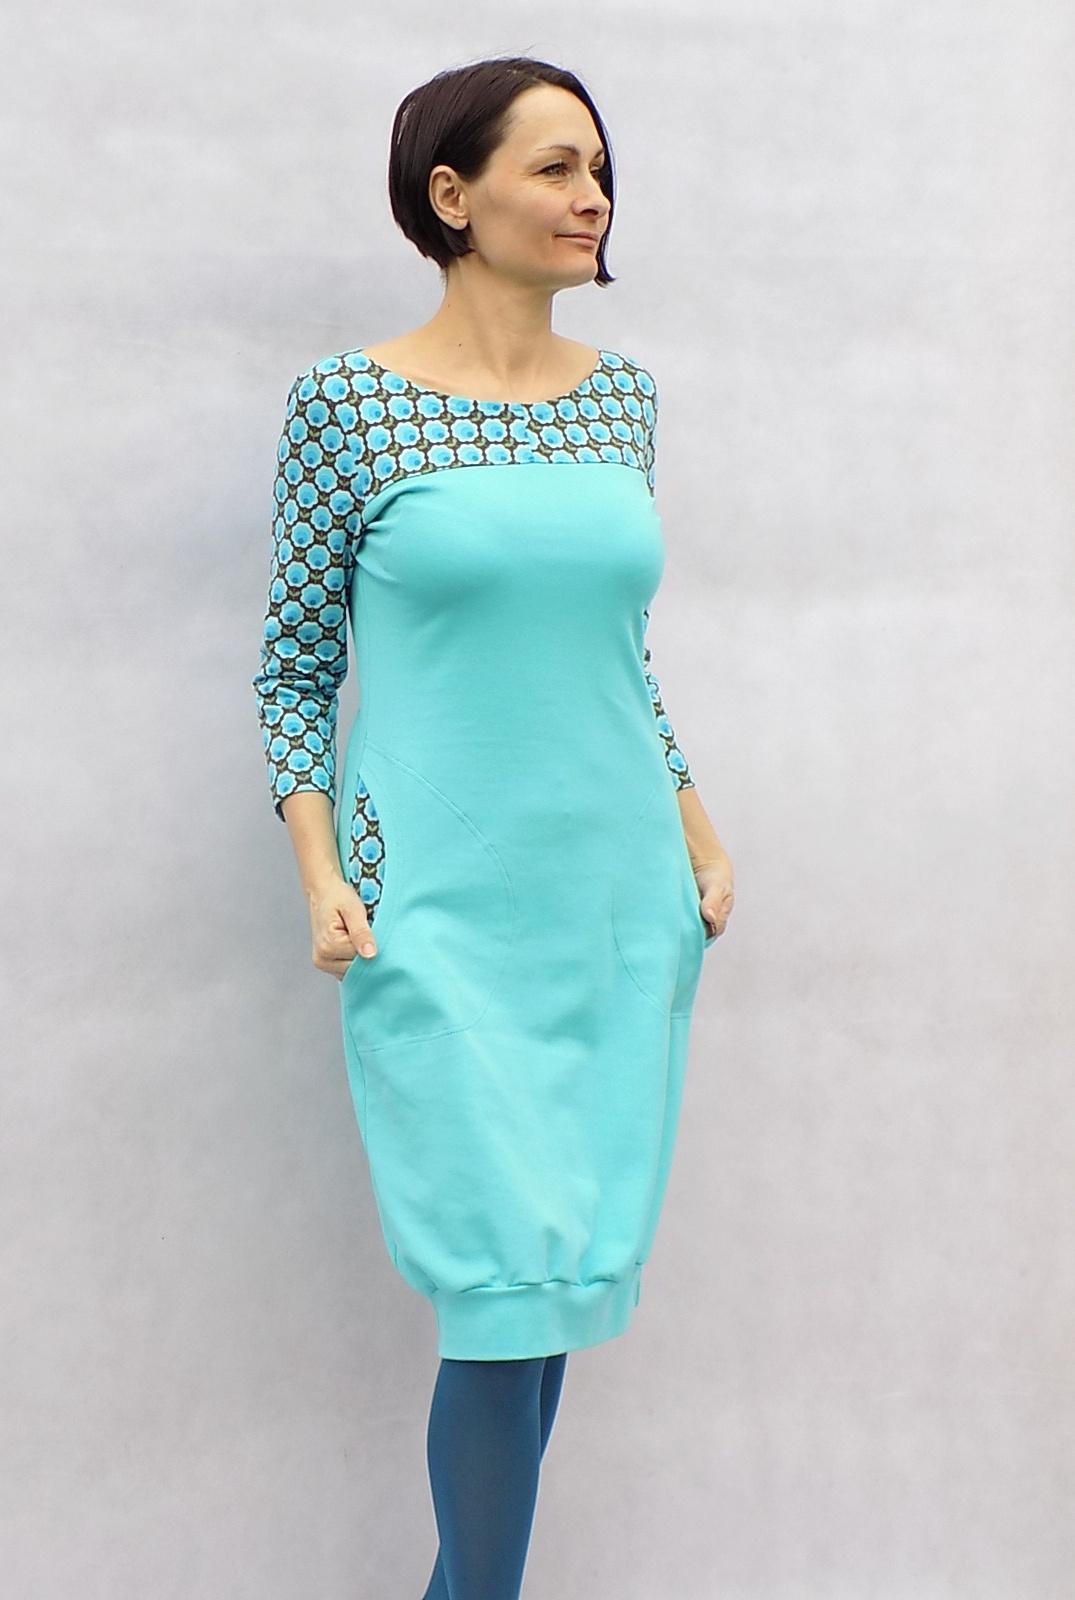 a3b90fea97 Mentolové šaty s kvítky...vel.L   Zboží prodejce LaPanika